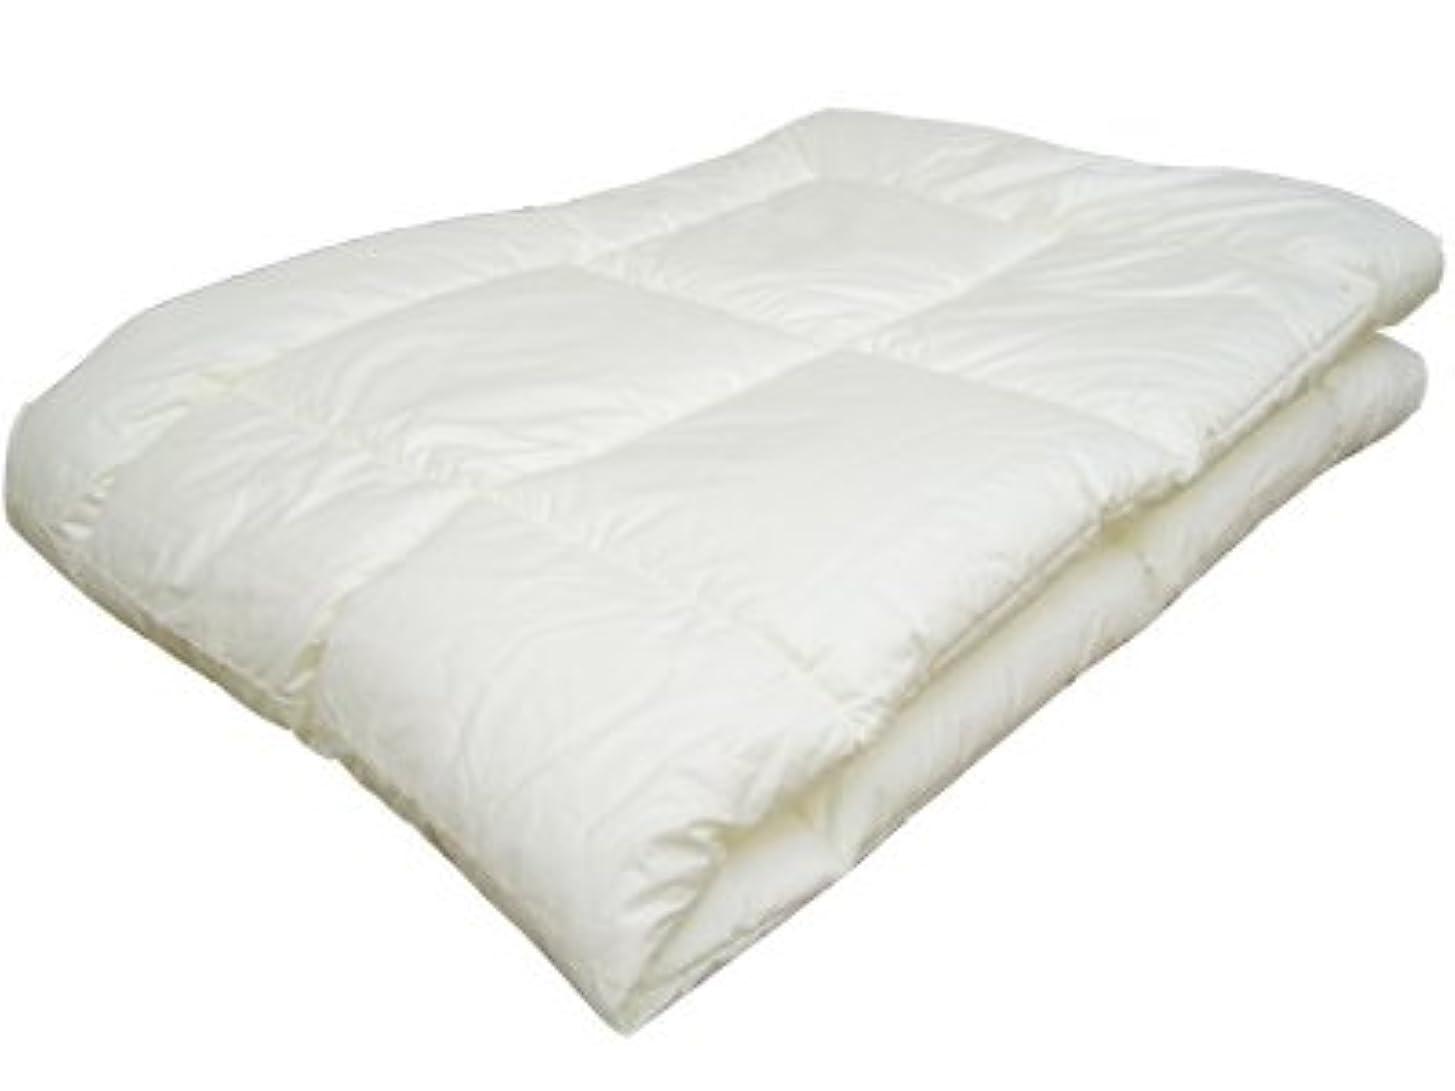 ペリスコープ玉年齢ウォシュロン(R) 洗える肌掛け布団 ダブルサイズ 190×210cm